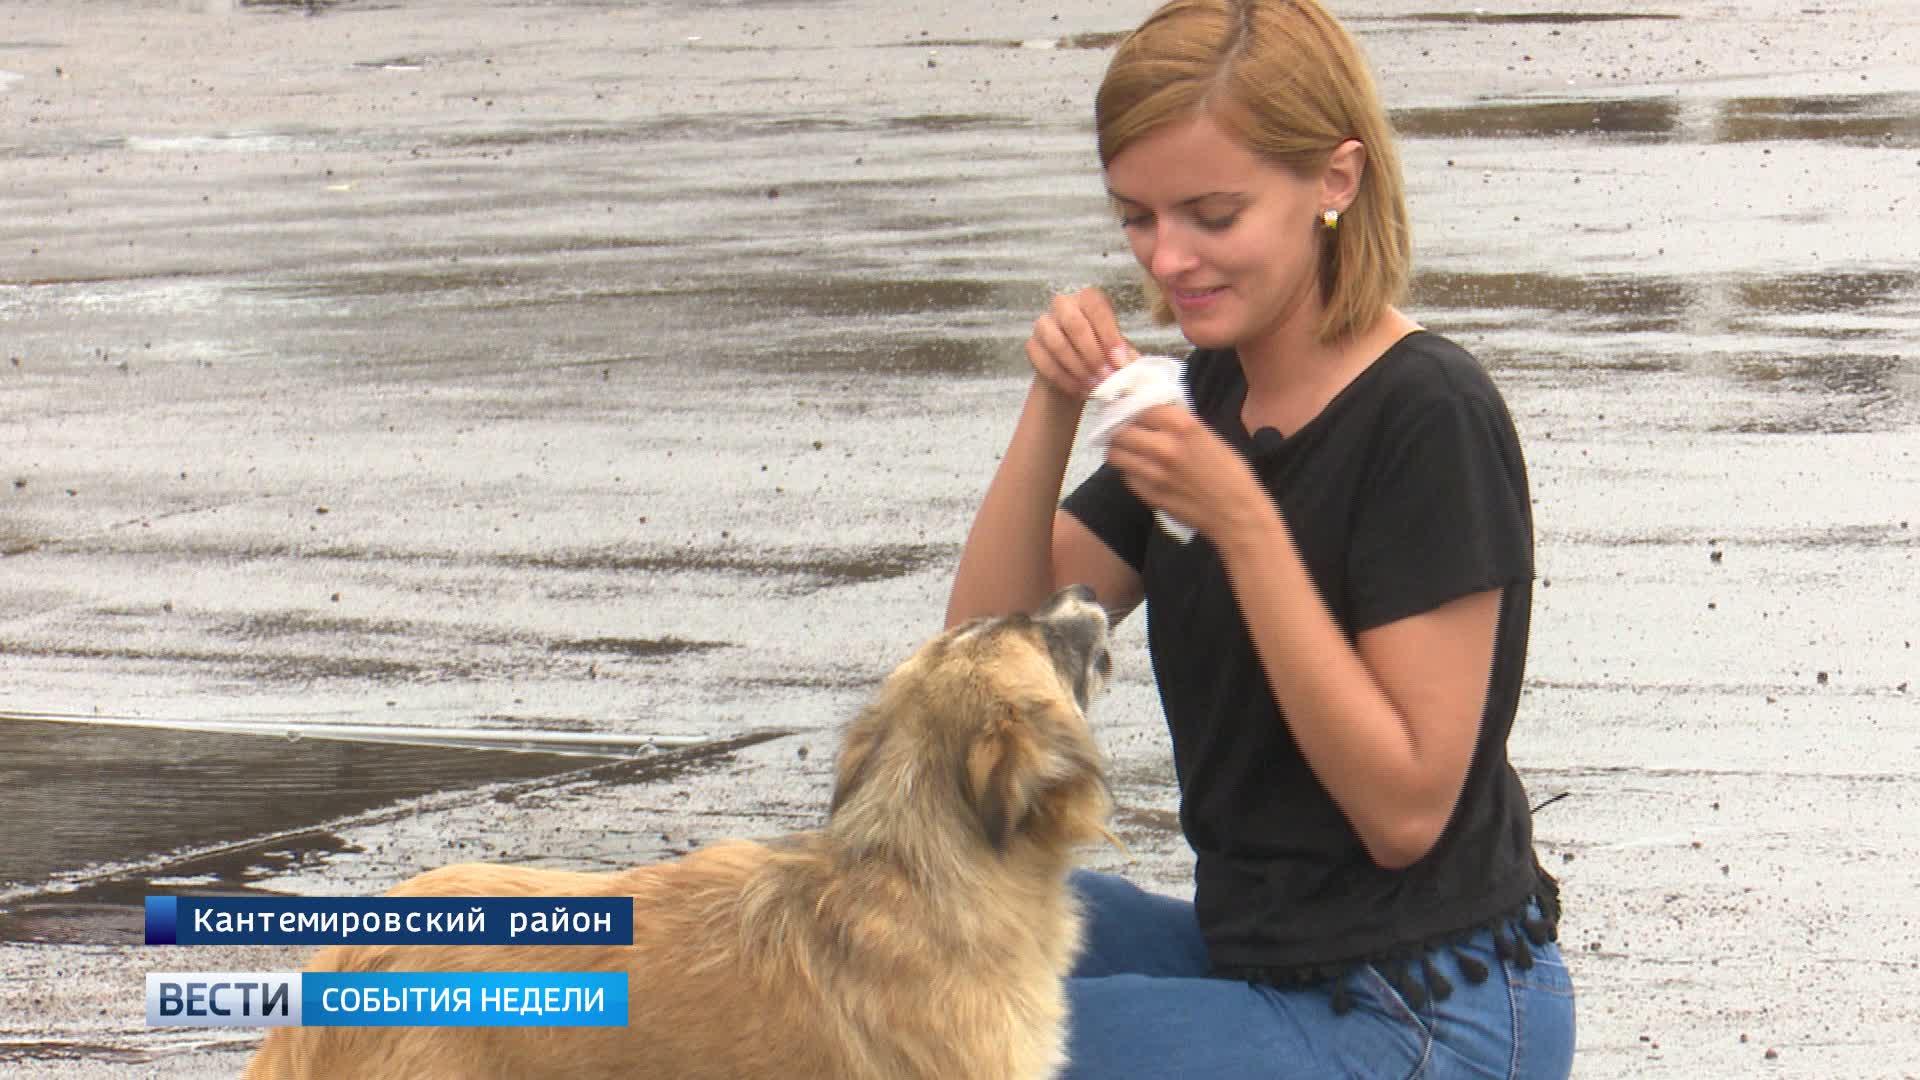 События недели: объезд пробки в Лосево, строительство собачьего приюта в Воронеже и заблудившийся болельщик